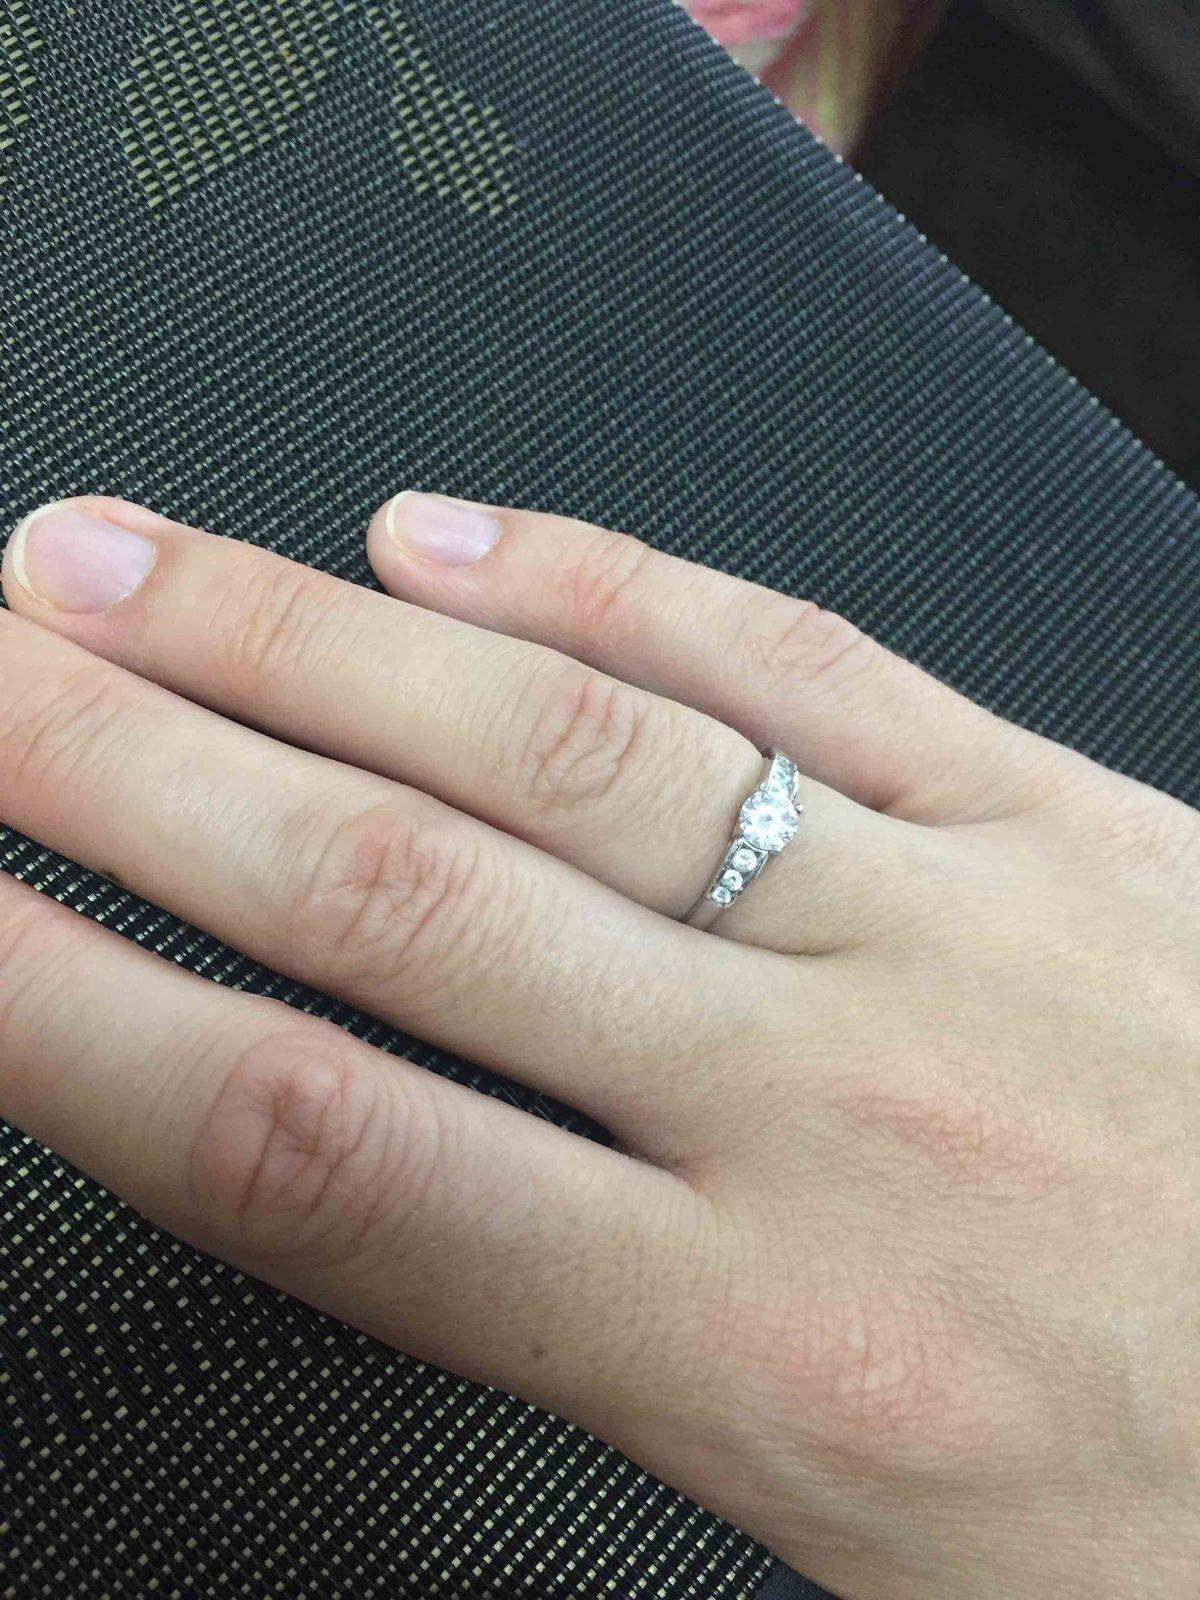 Кольцо смотрится нежно и красиво